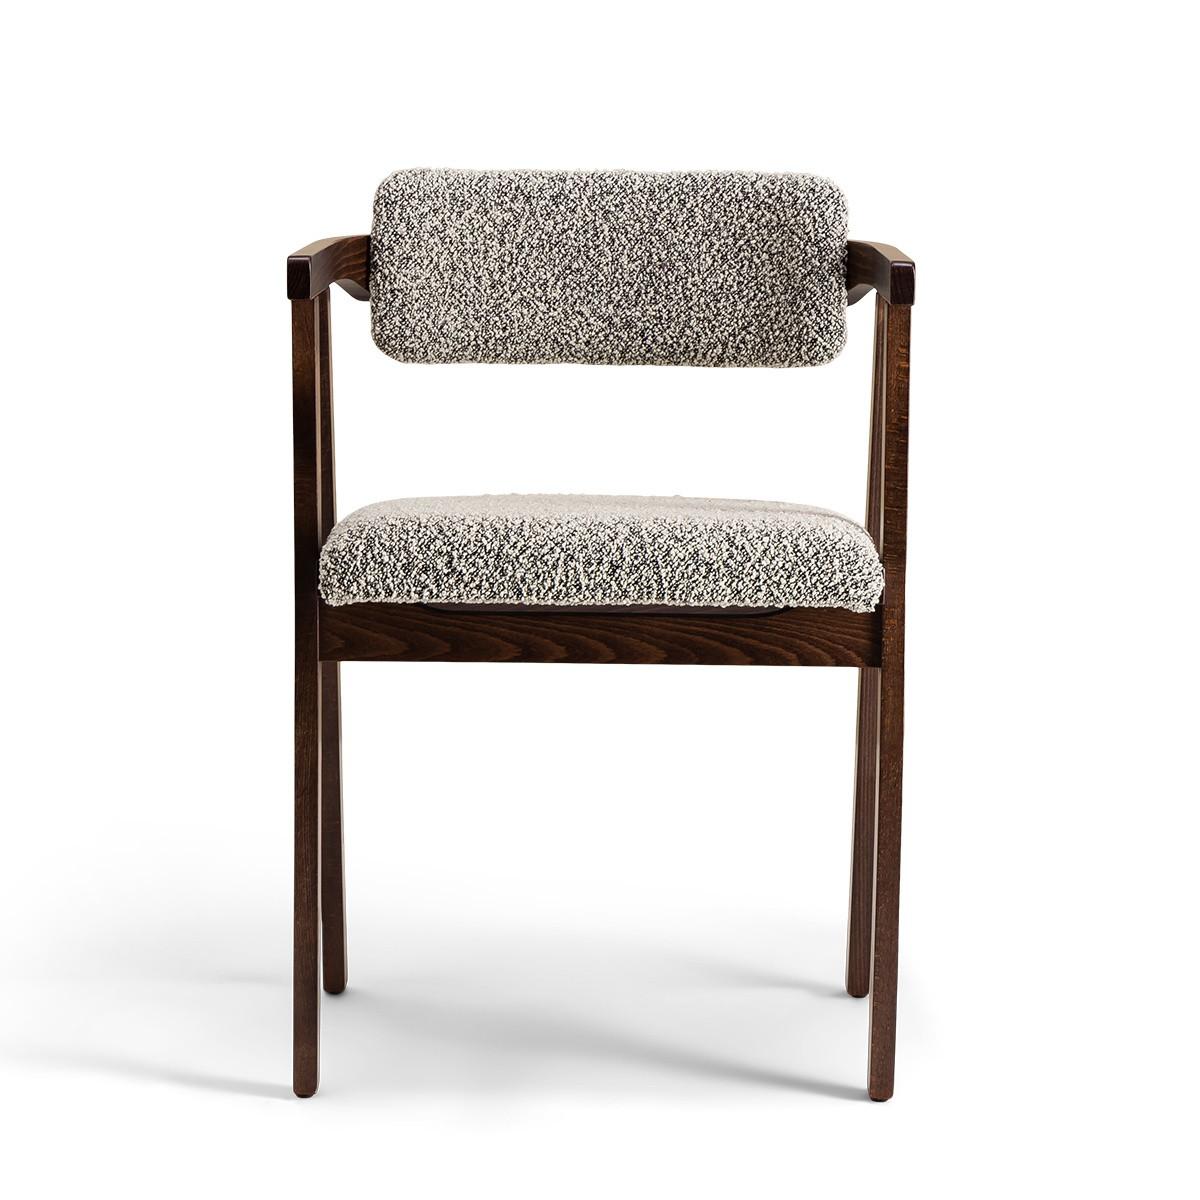 Chaise Milano bois brun laine bouclette noir et blanc